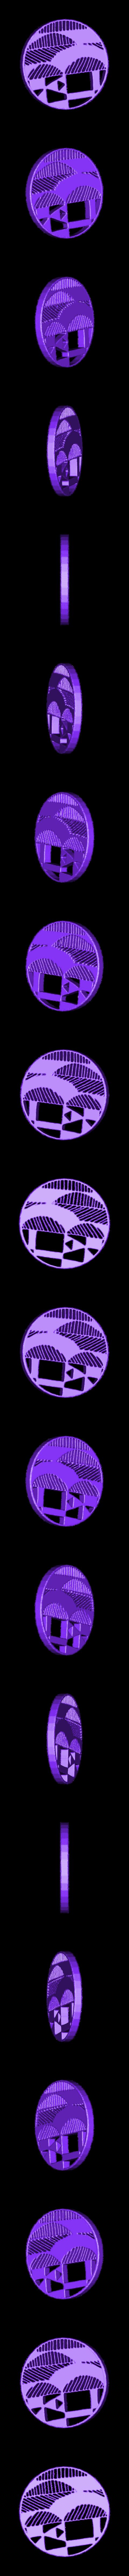 A1.stl Télécharger fichier STL gratuit Heure d'été (Collier/Ceinture) • Plan pour imprimante 3D, Kay